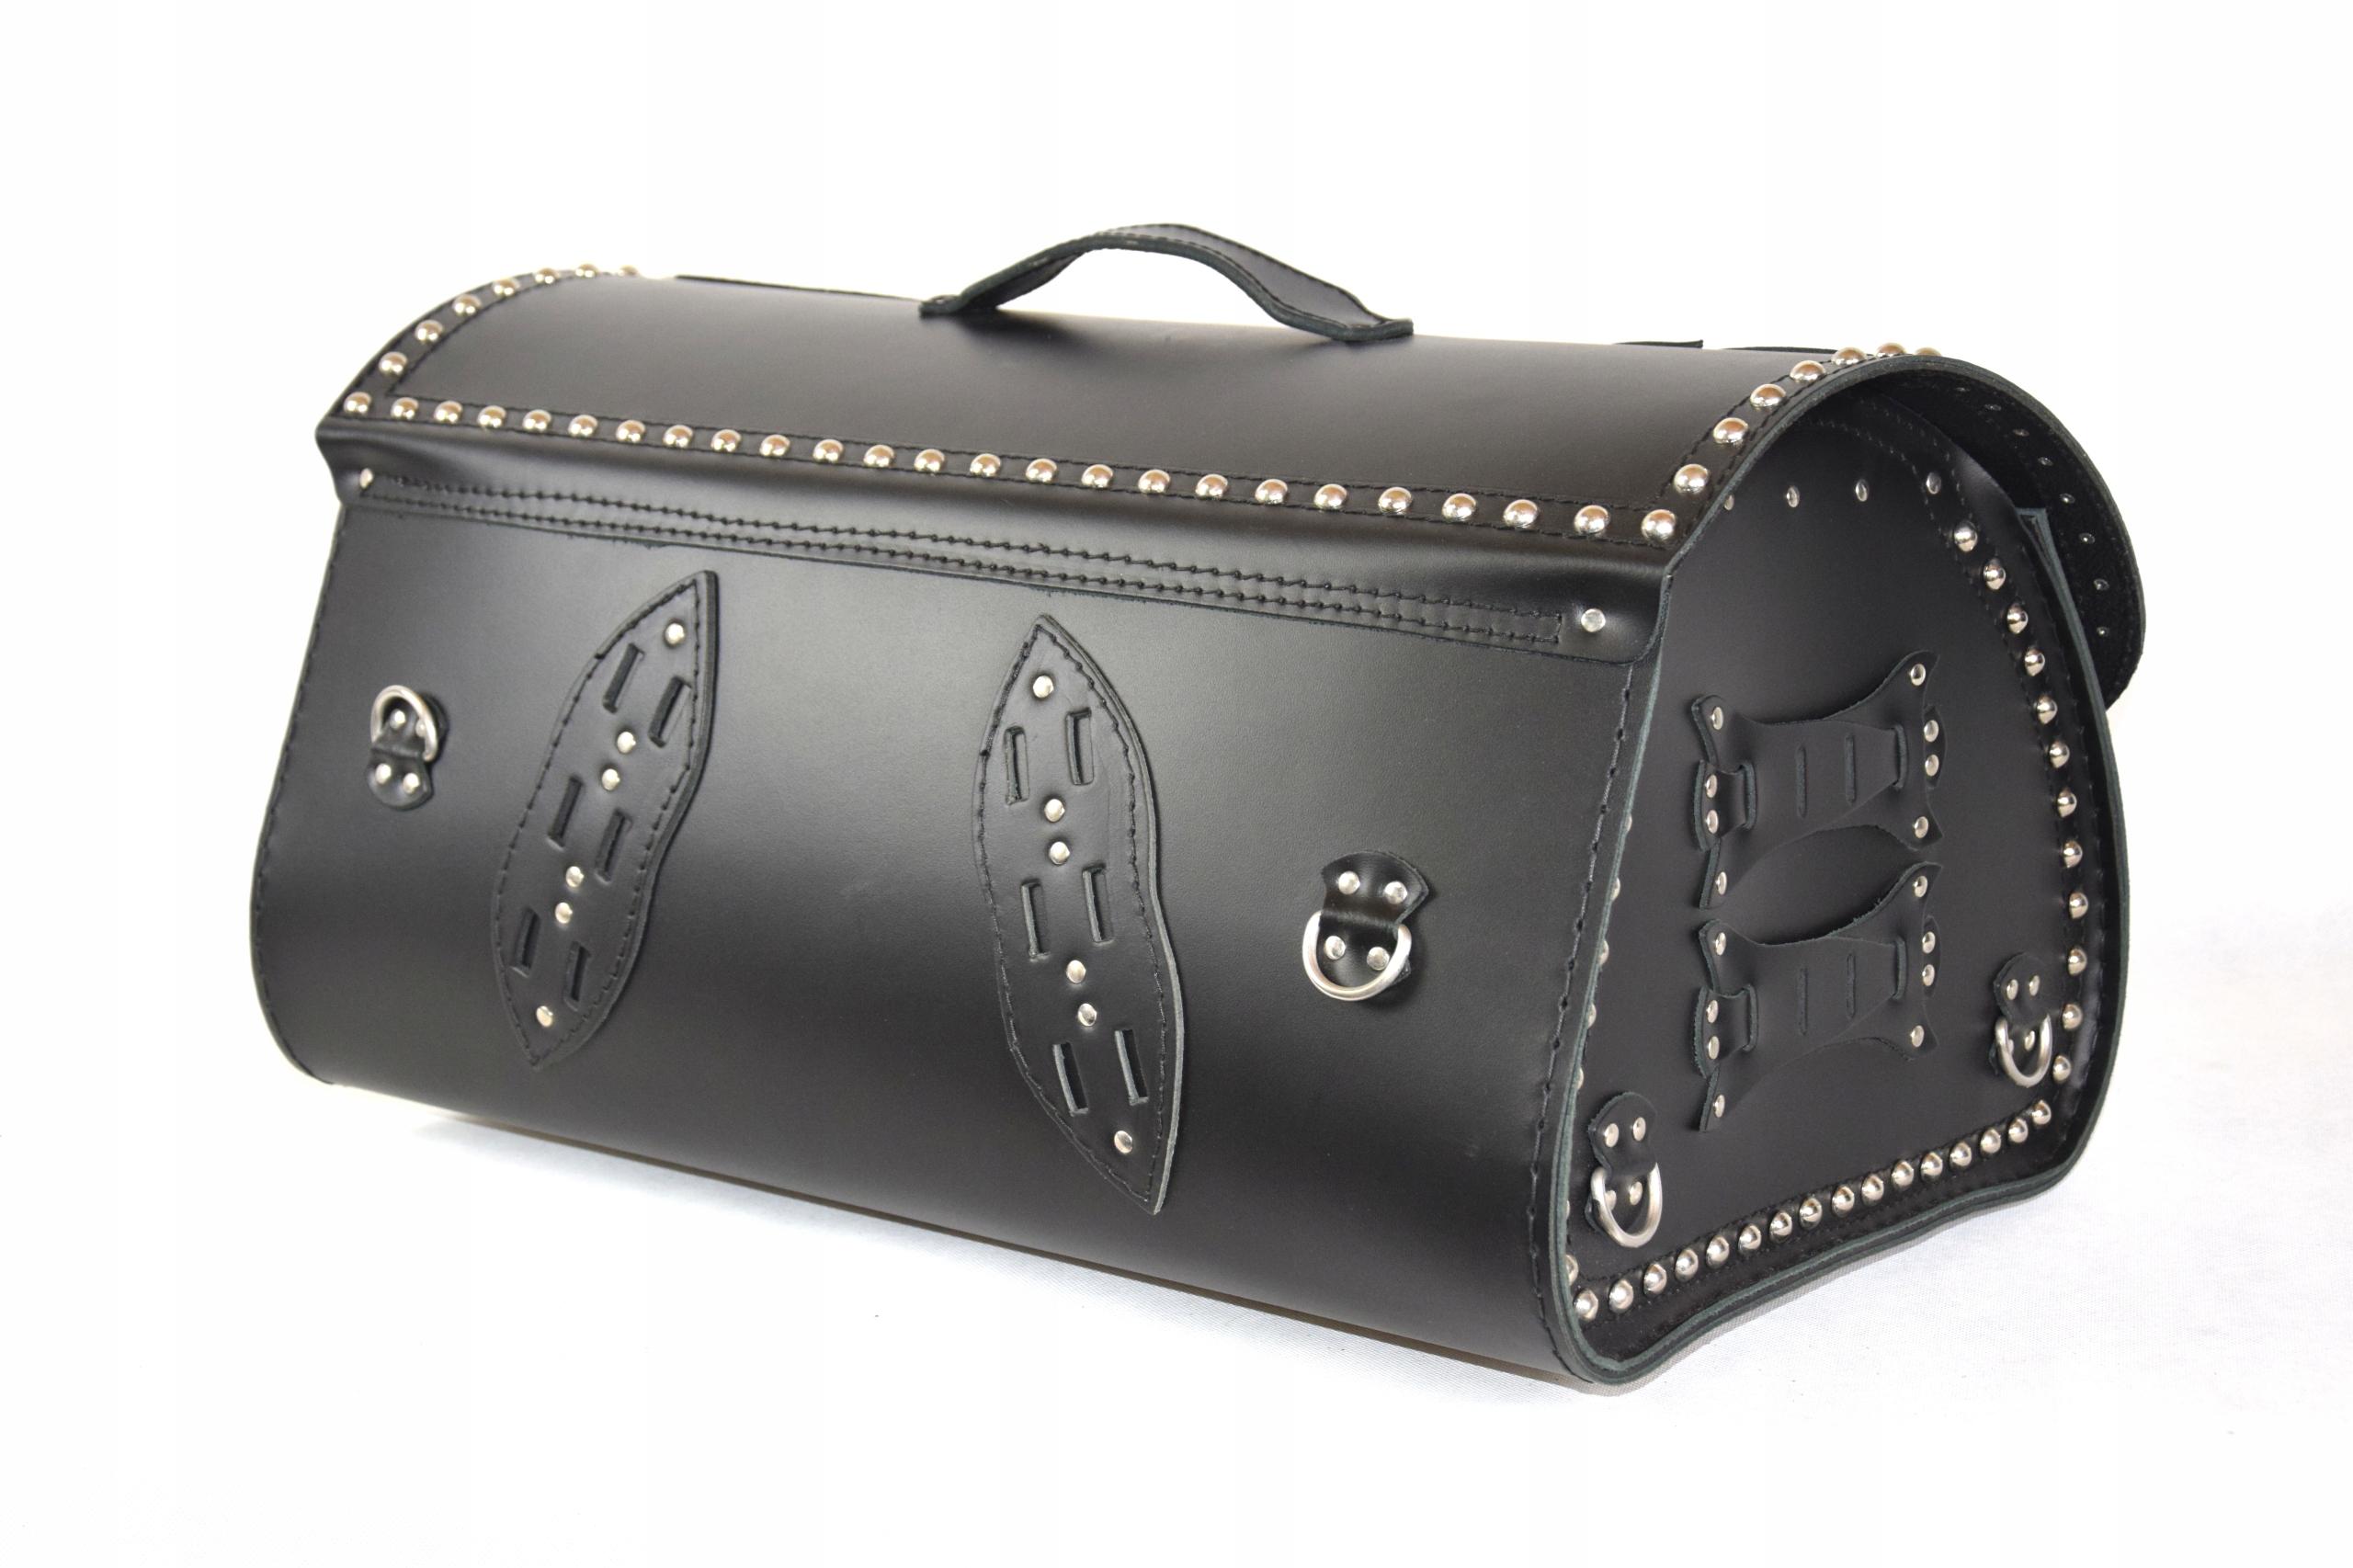 Kufer skórzany K22 Eagle 48 litrów